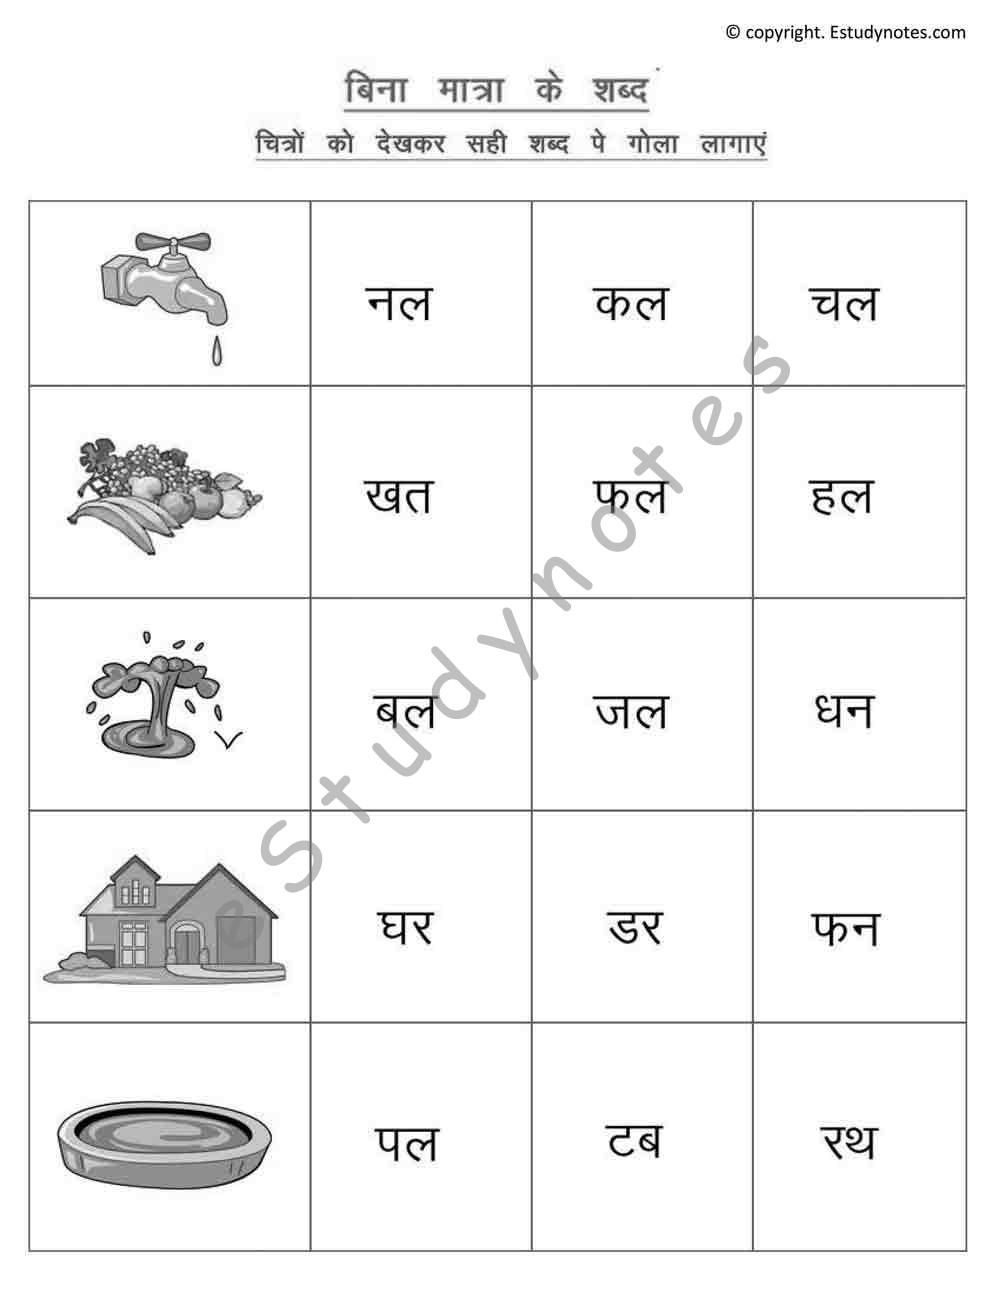 10 Printable Worksheets Of Hindi For Grade 1   Hindi worksheets [ 1294 x 1000 Pixel ]